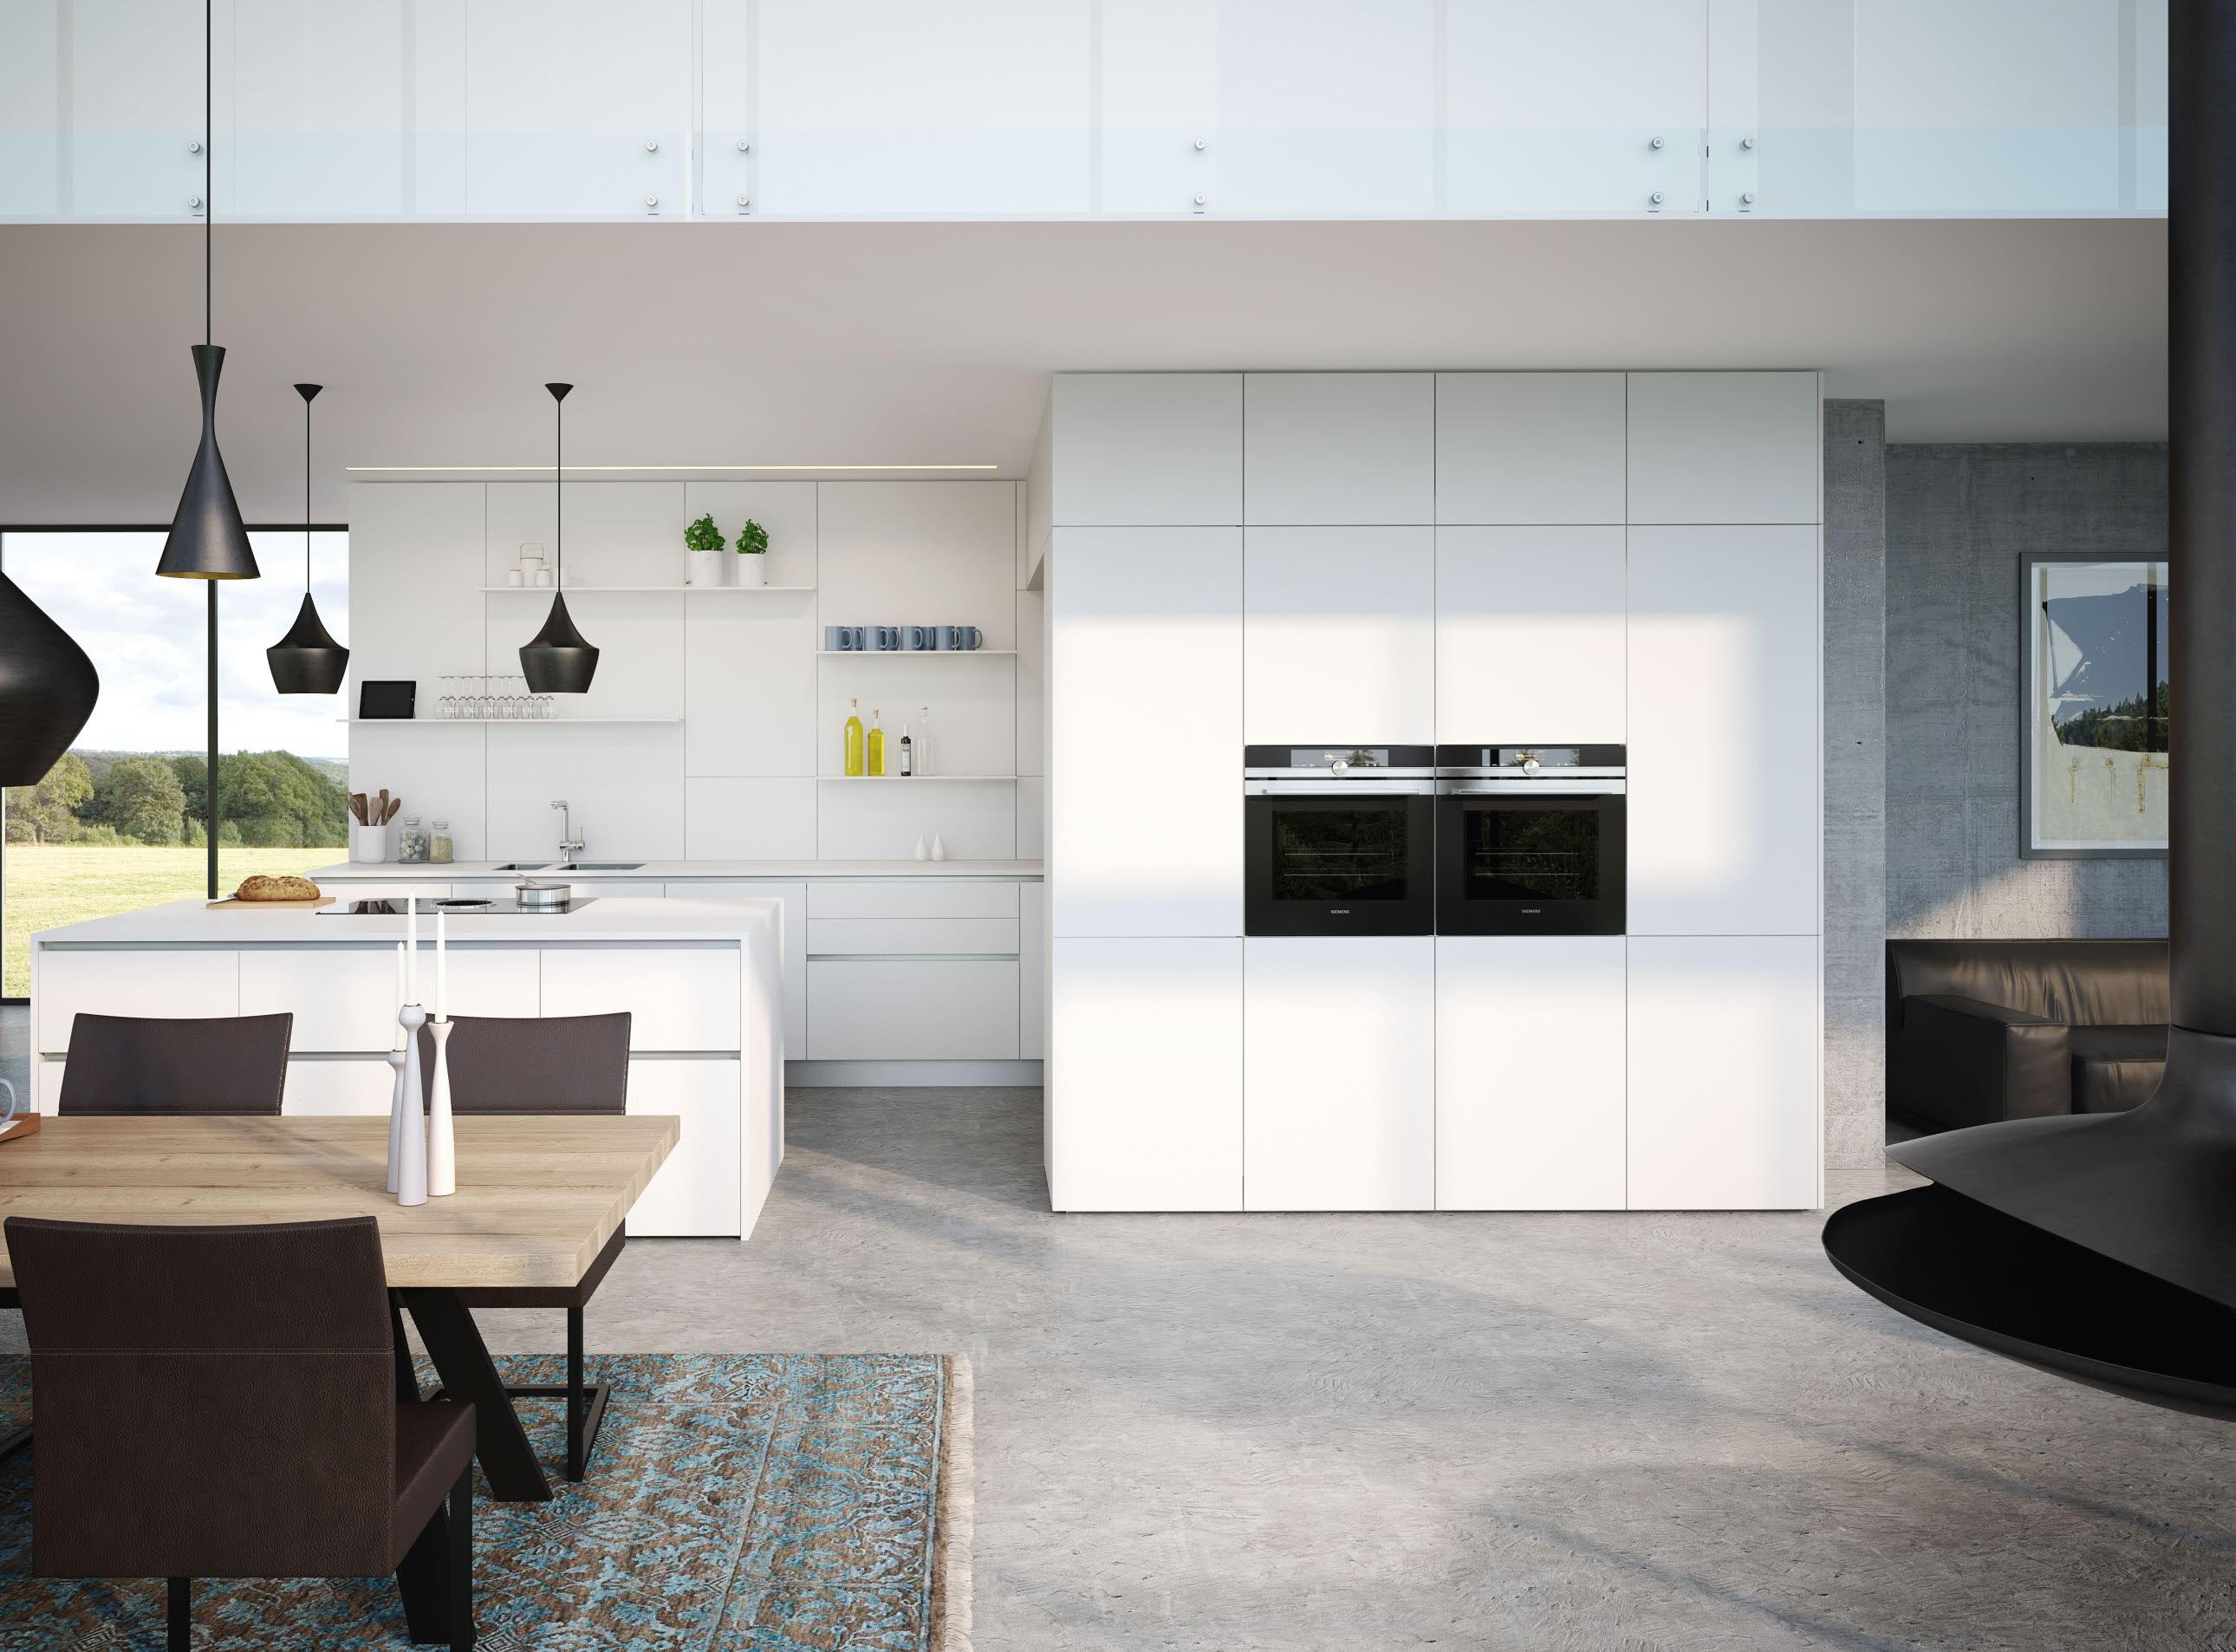 Ungewöhnlich 2020 Küchendesign Kostenloser Download Ideen - Küchen ...